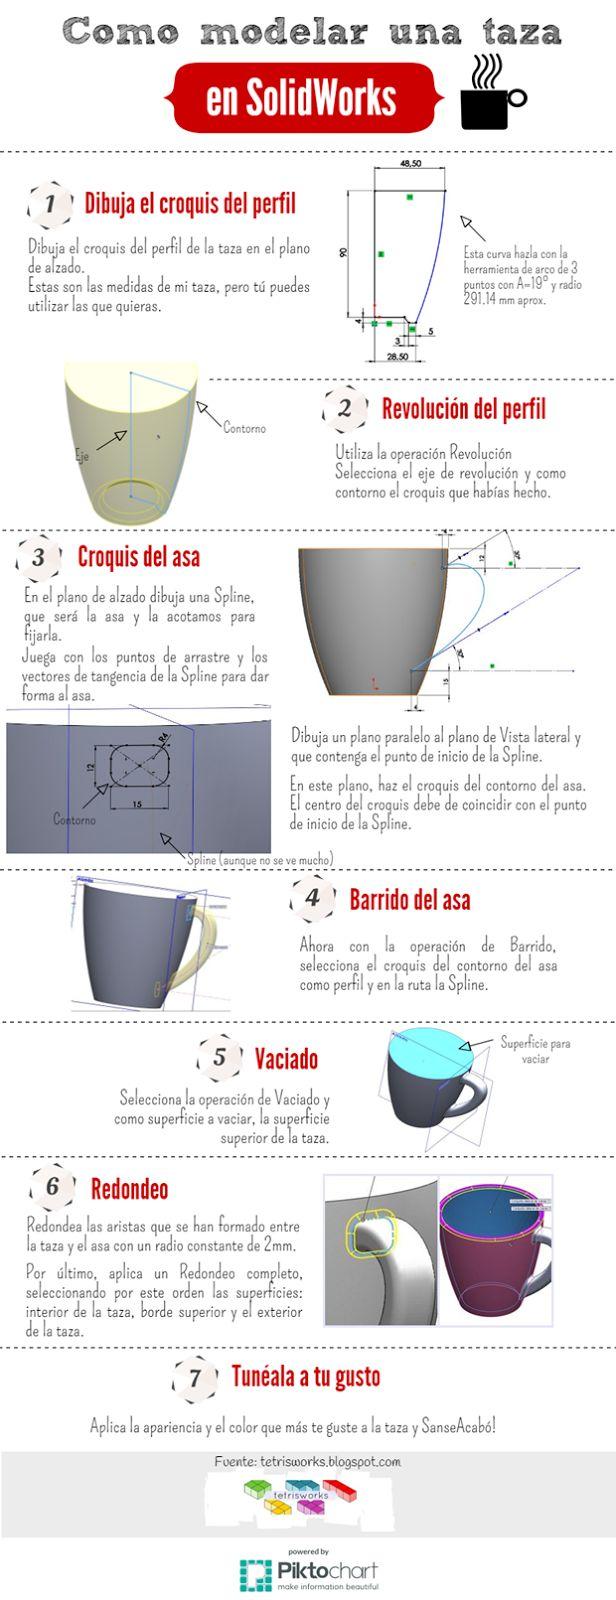 Cómo modelar una taza en SolidWorks #infografia #solidworks #tutorial